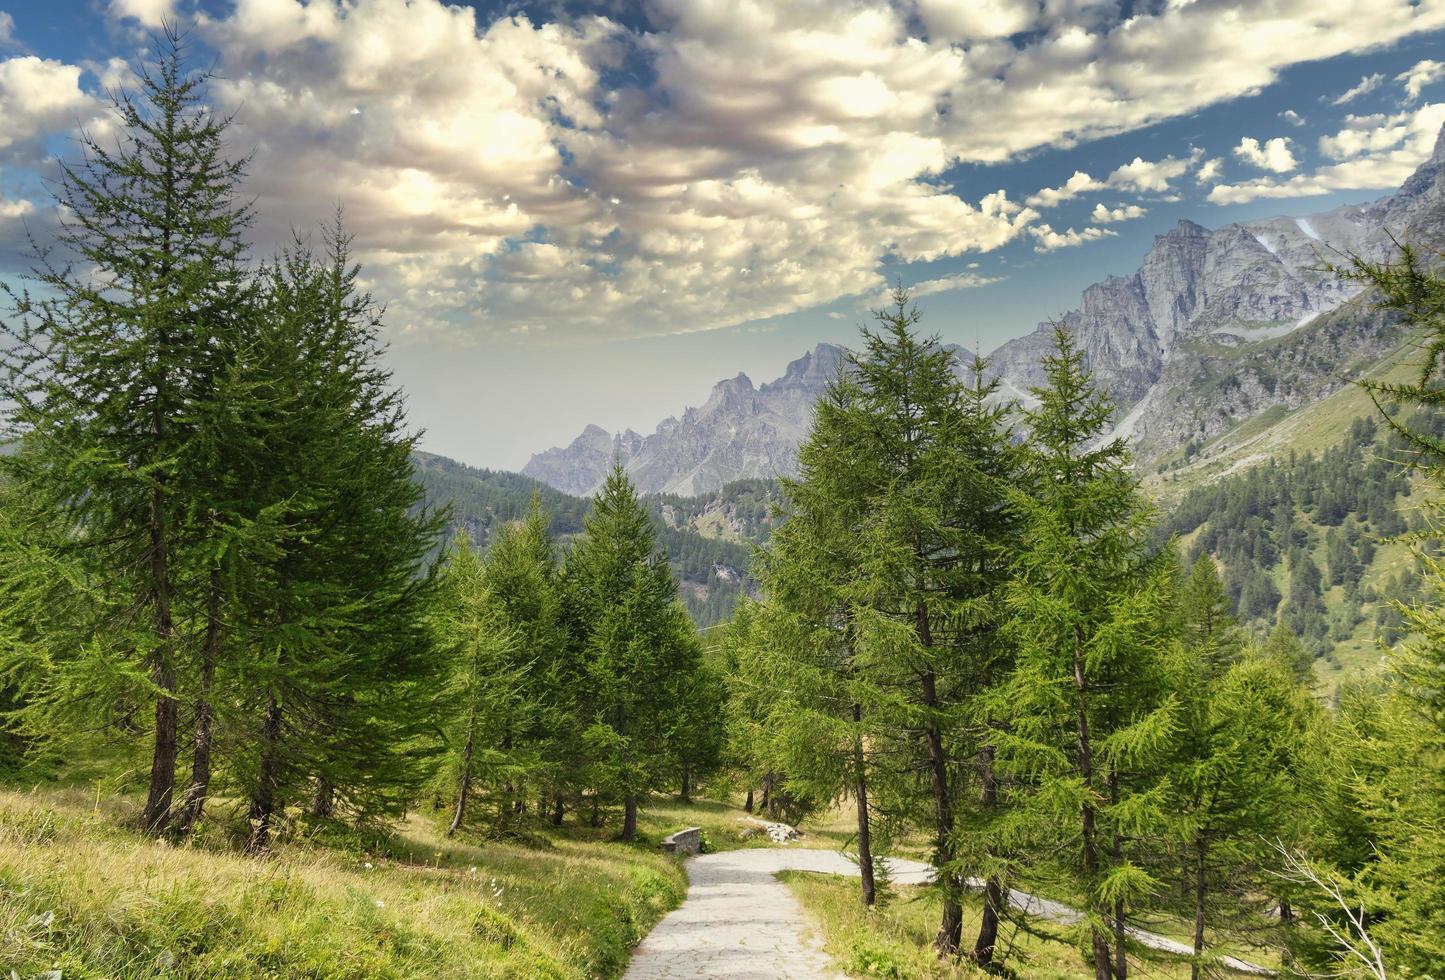 zicht op een alpenlandschap foto